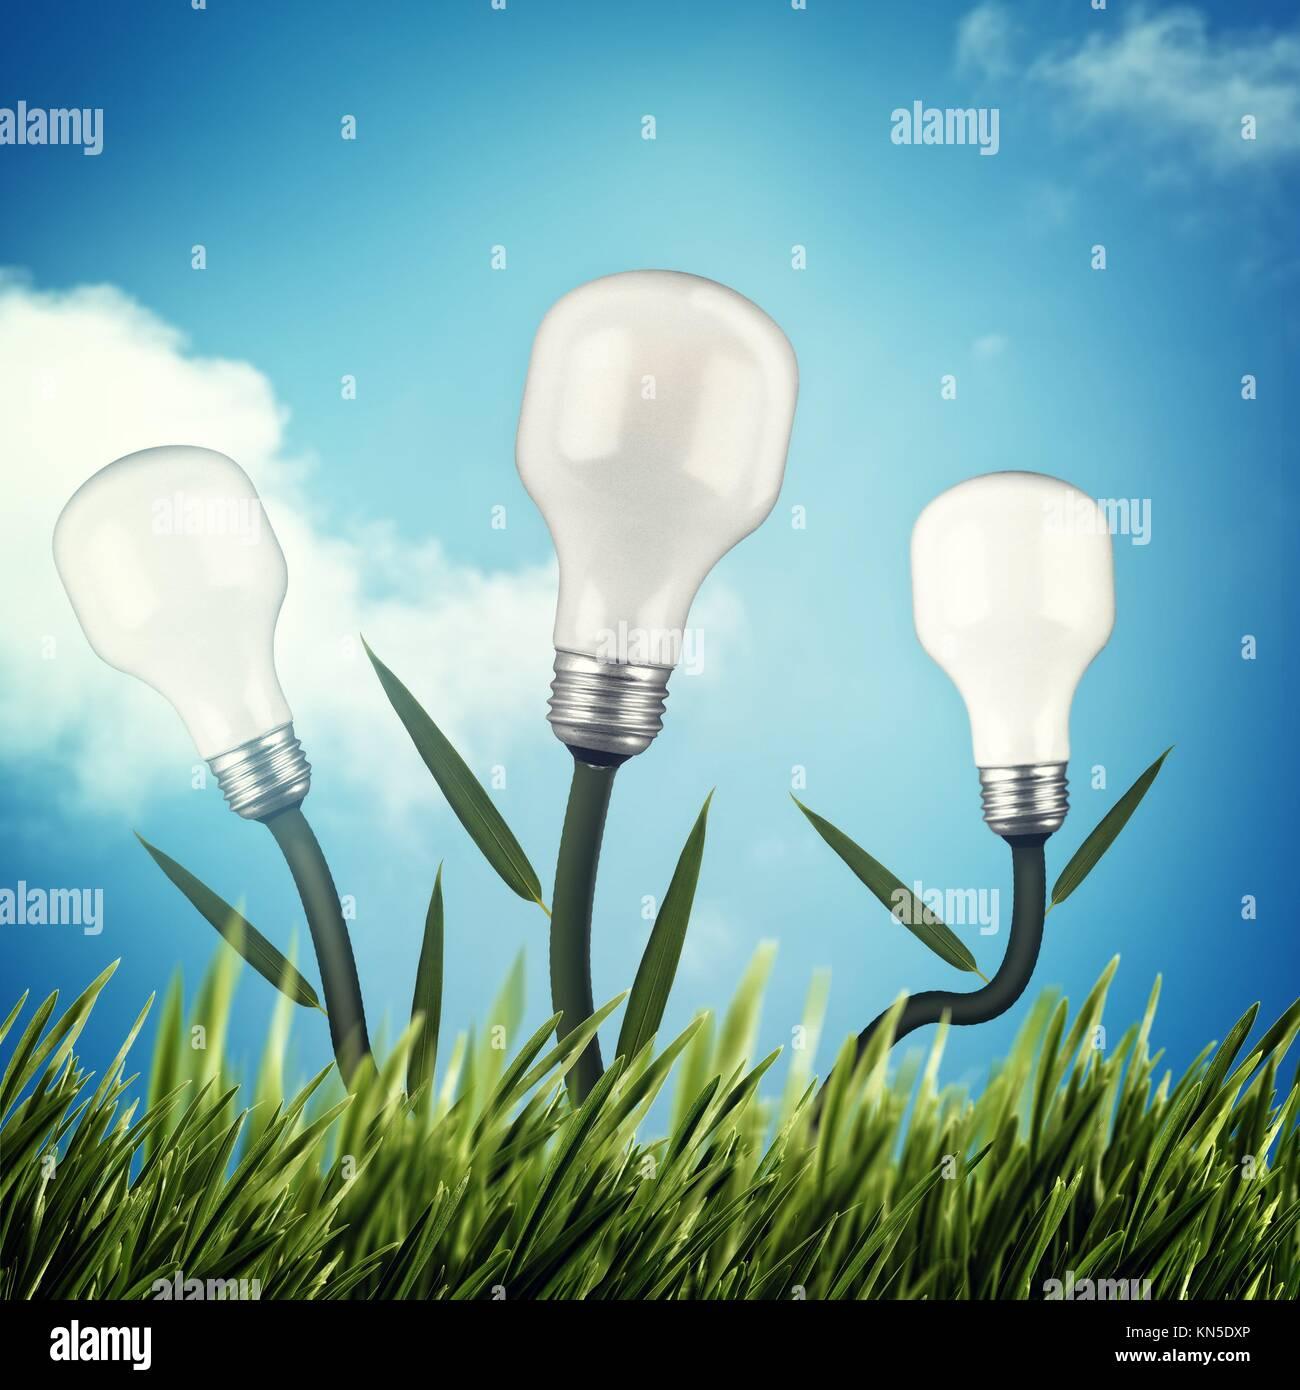 Puissance et énergie alternative design. Photo Stock